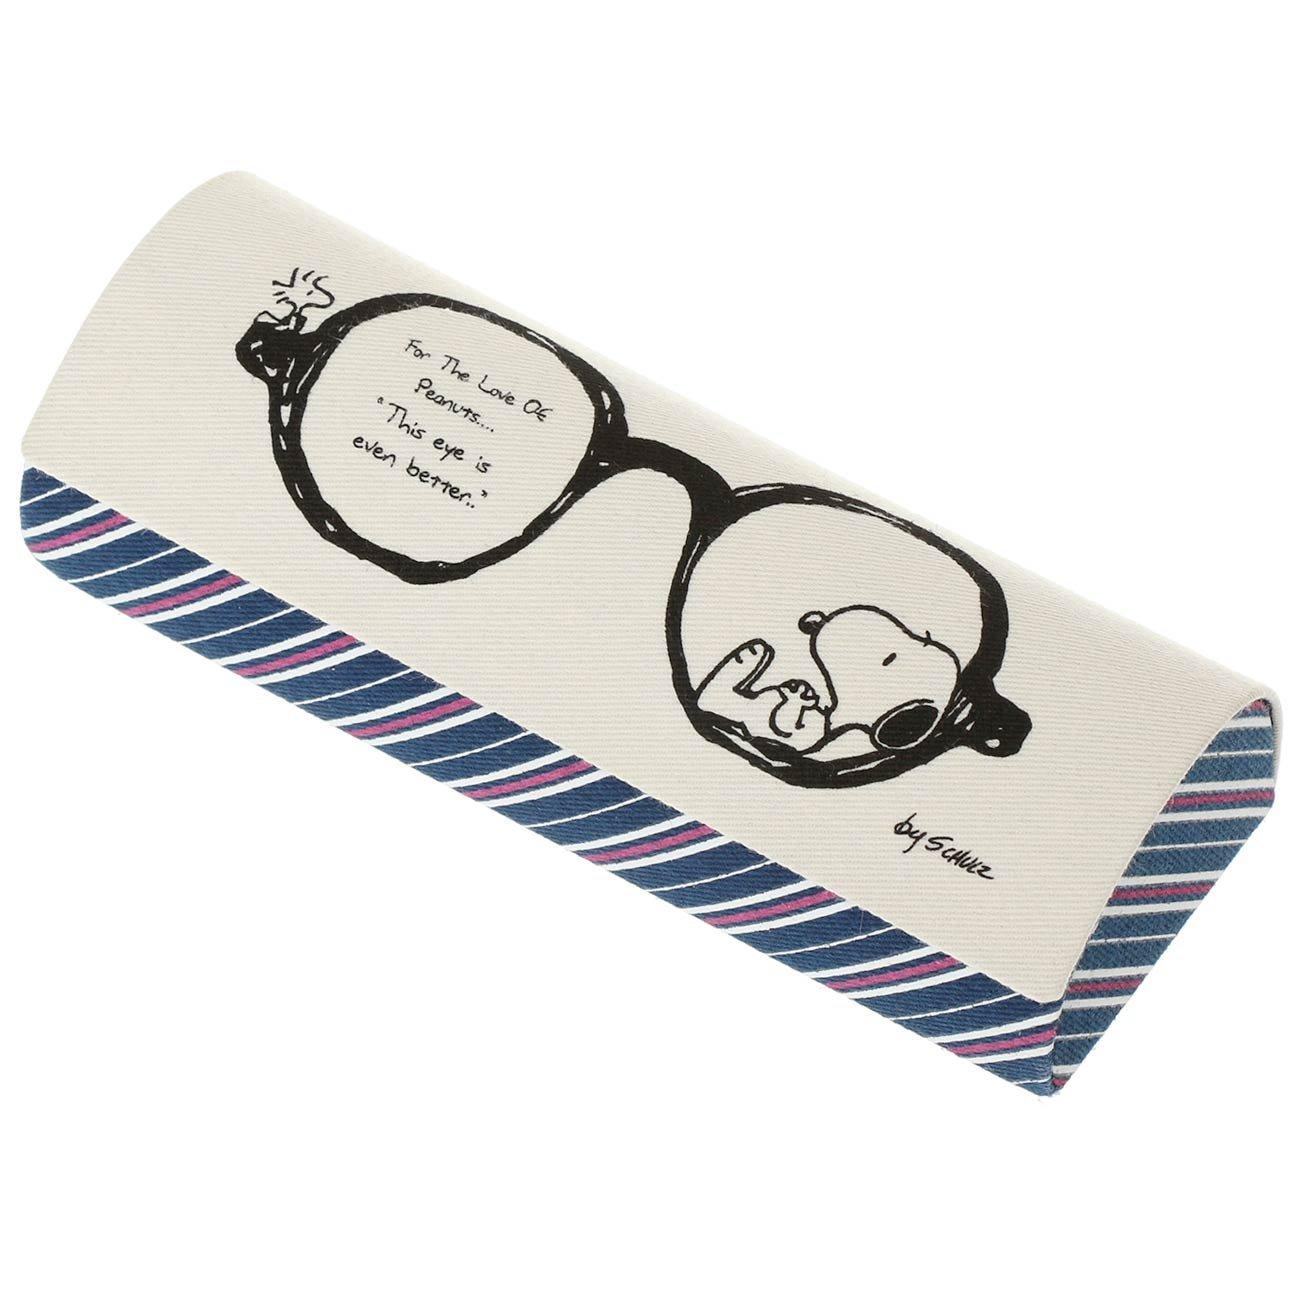 Amazon|カミオジャパン PEANUTS メガネケース(クロス付) スヌーピー 丸メガネ 85270|カミオジャパン , ファッション雑貨 通販